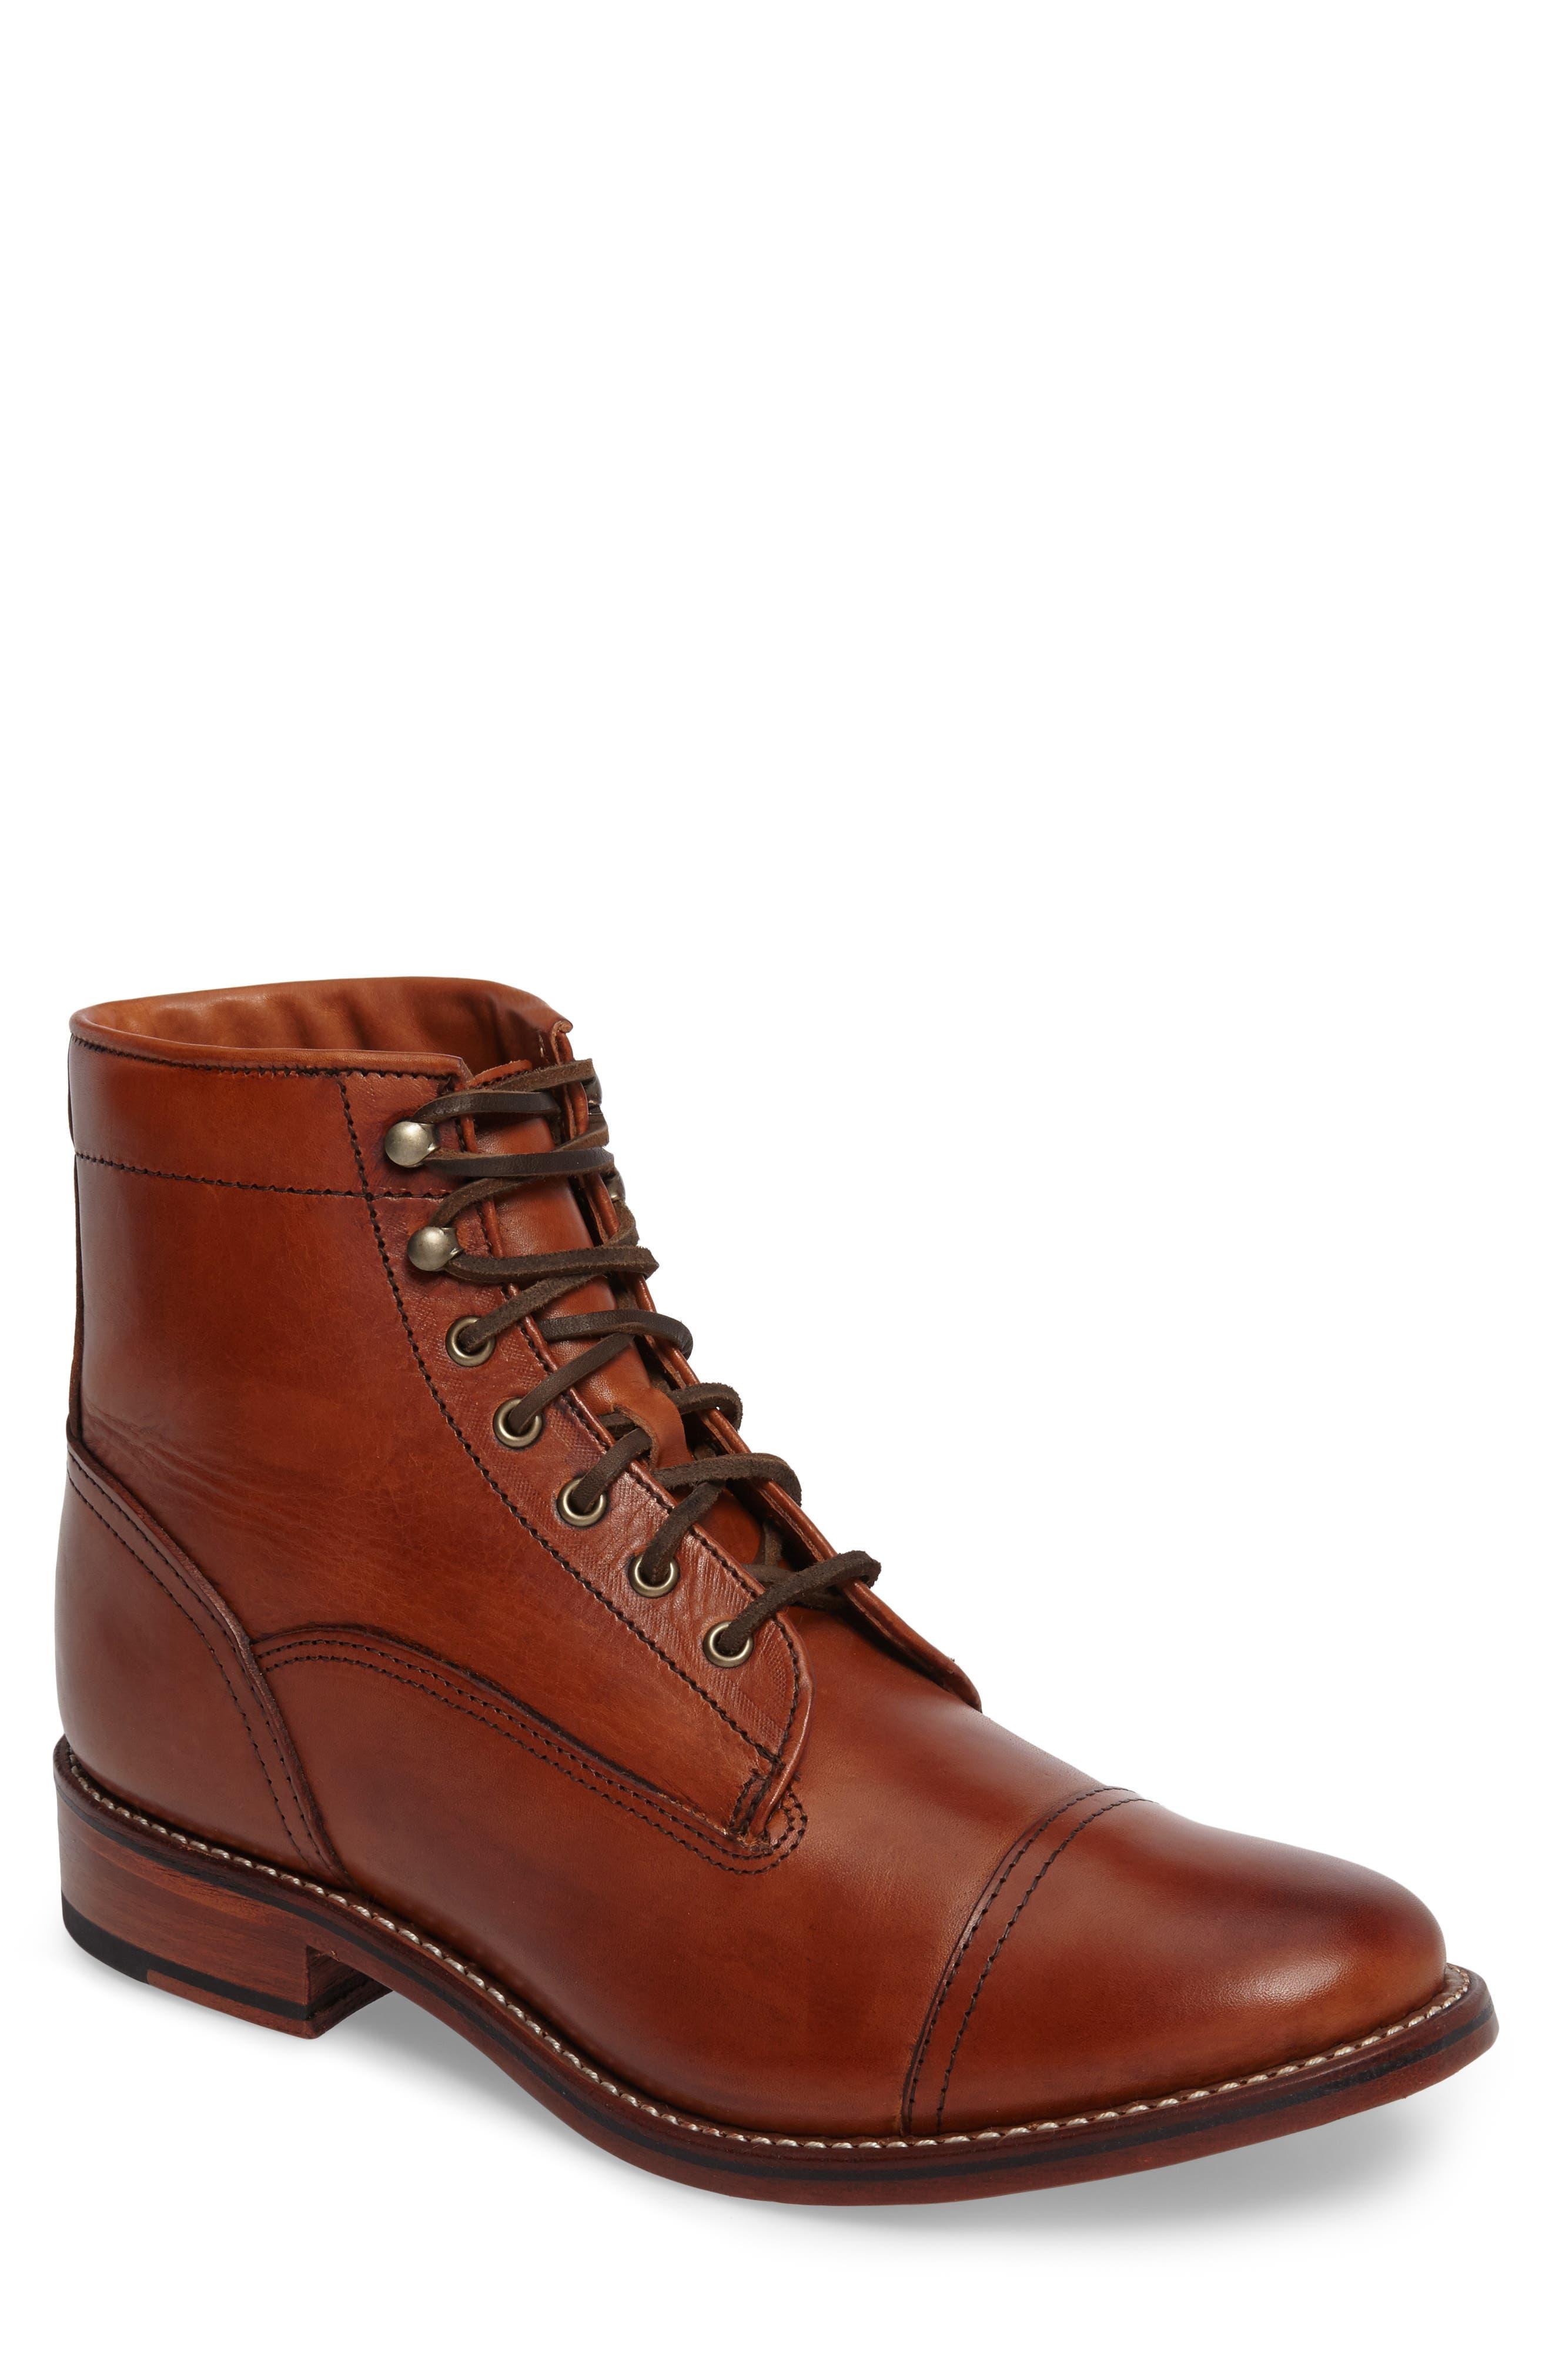 Highlands Cap Toe Boot,                         Main,                         color,